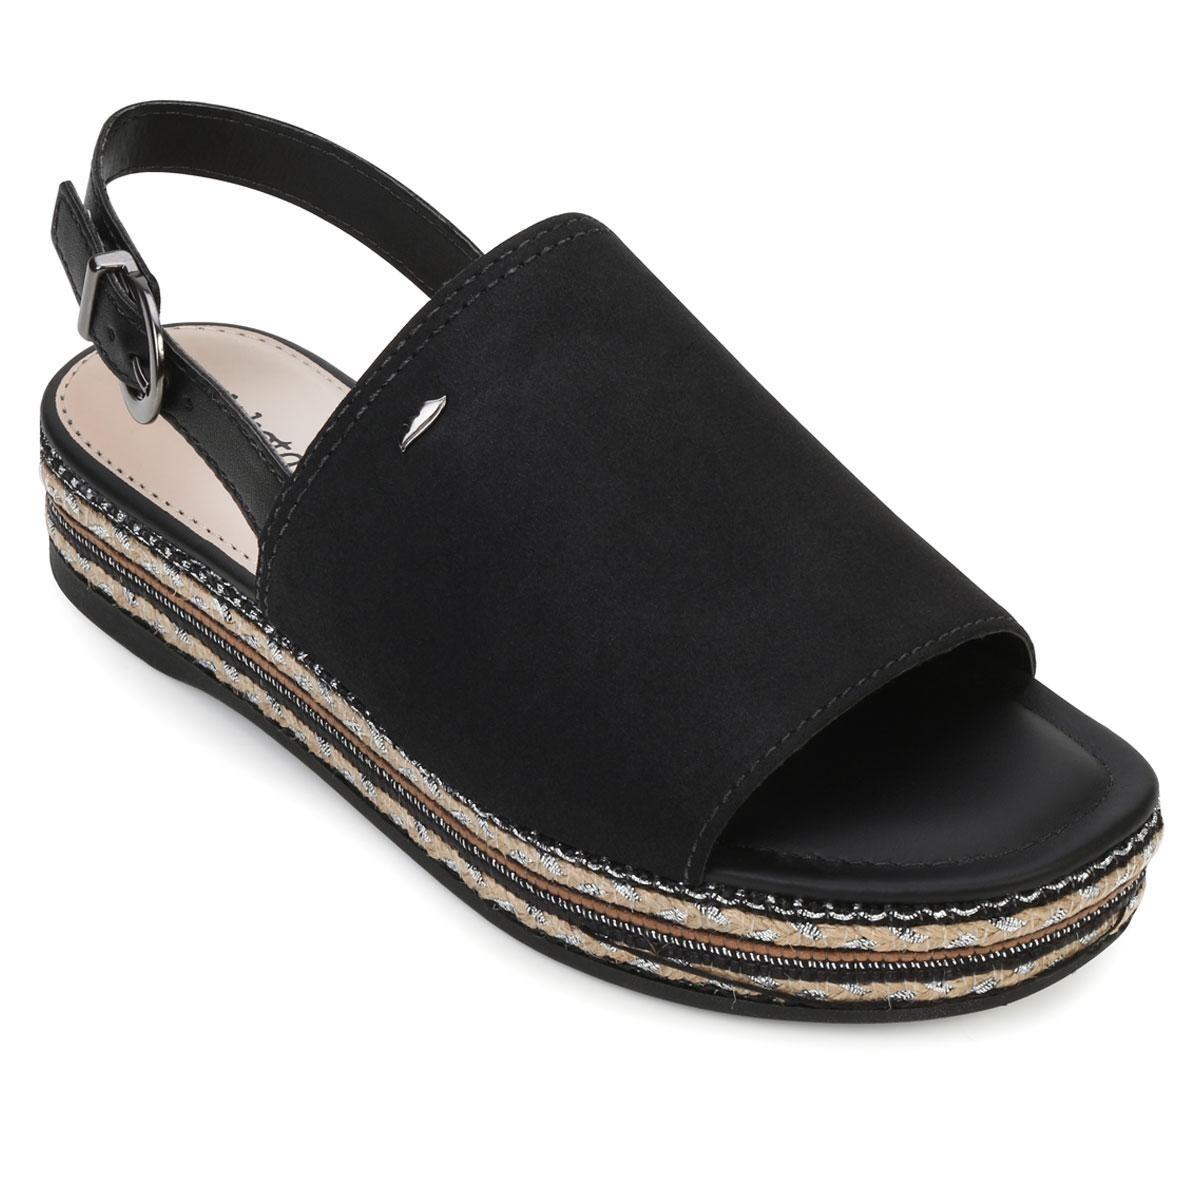 522be2f724 Sandália Flatform Dakota Dt18-z3772 - R  159